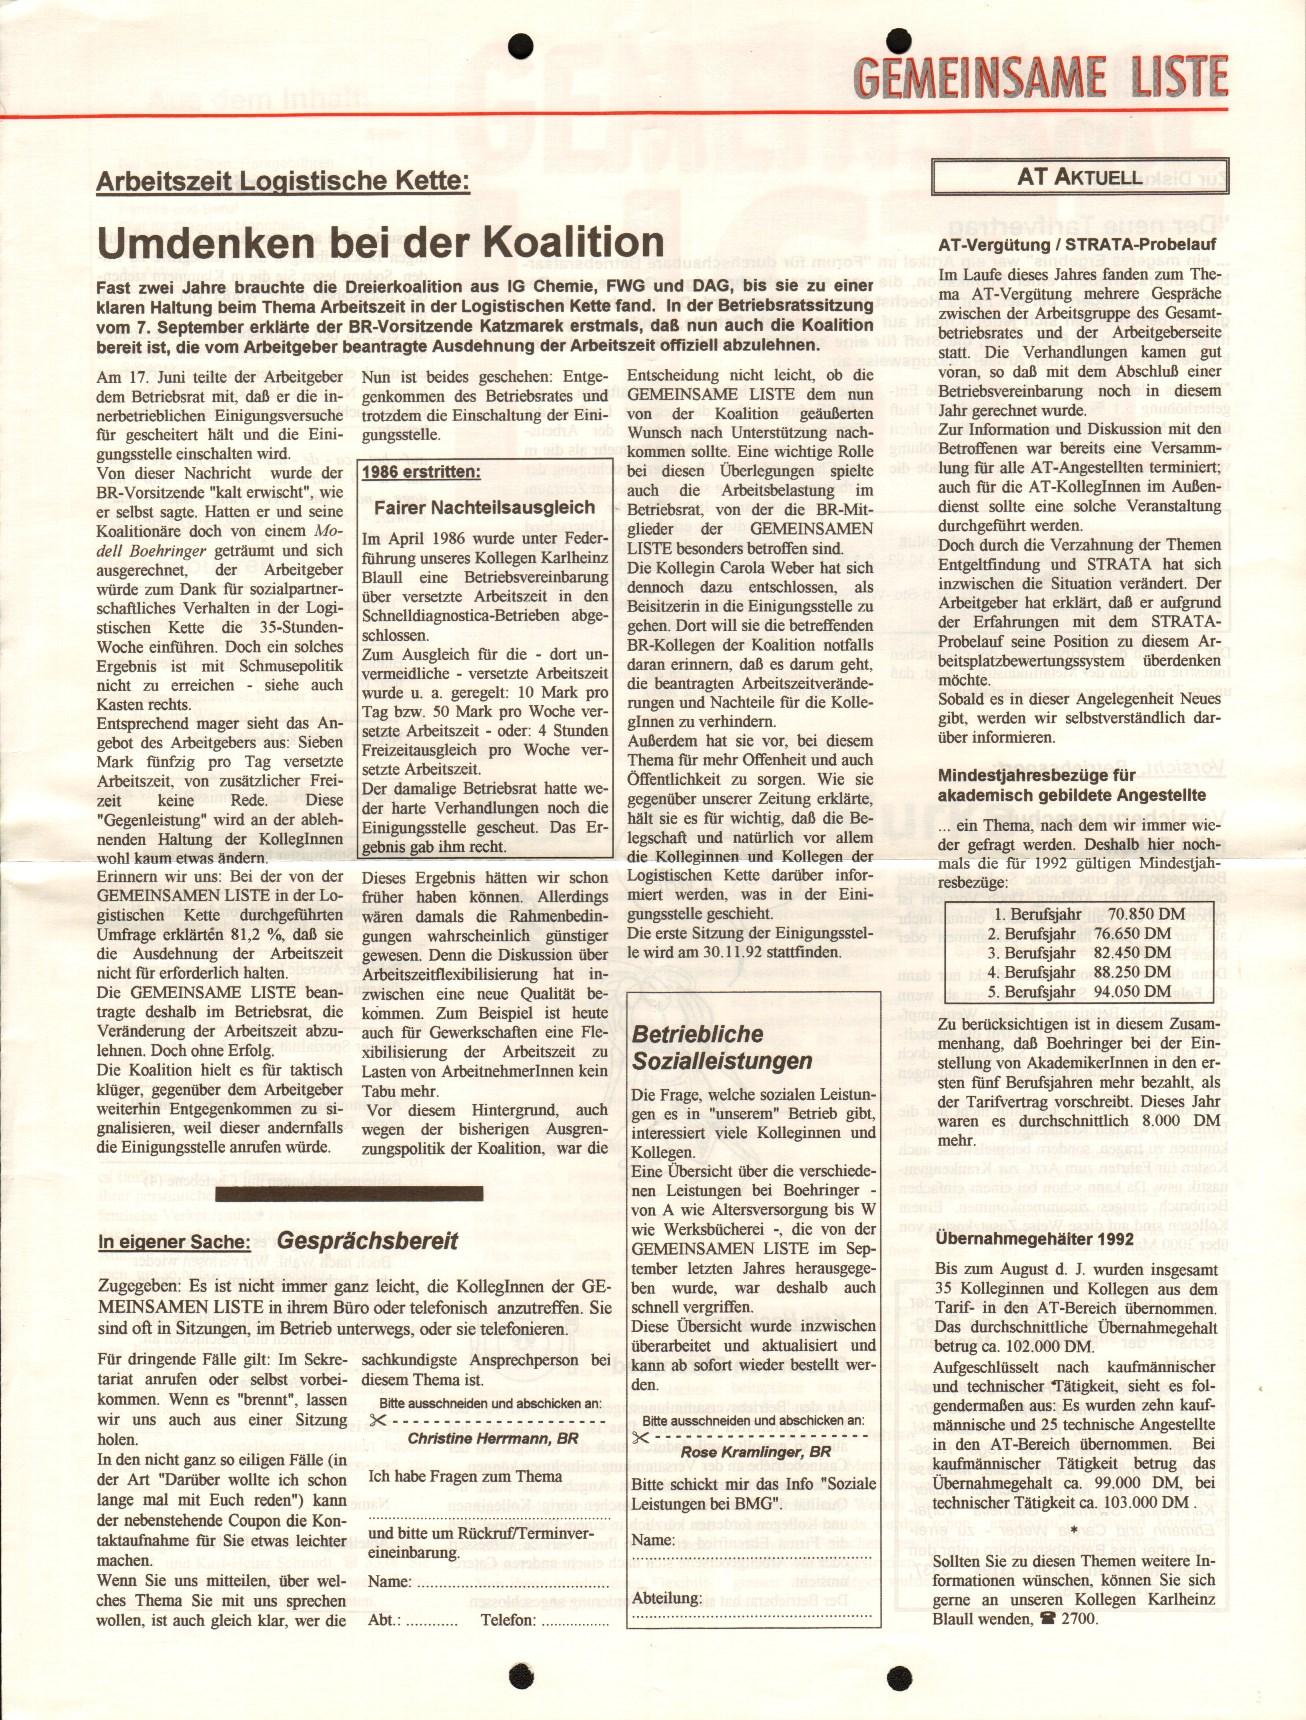 Mannheim_Boehringer_Gemeinsame_Liste_1992_03_03